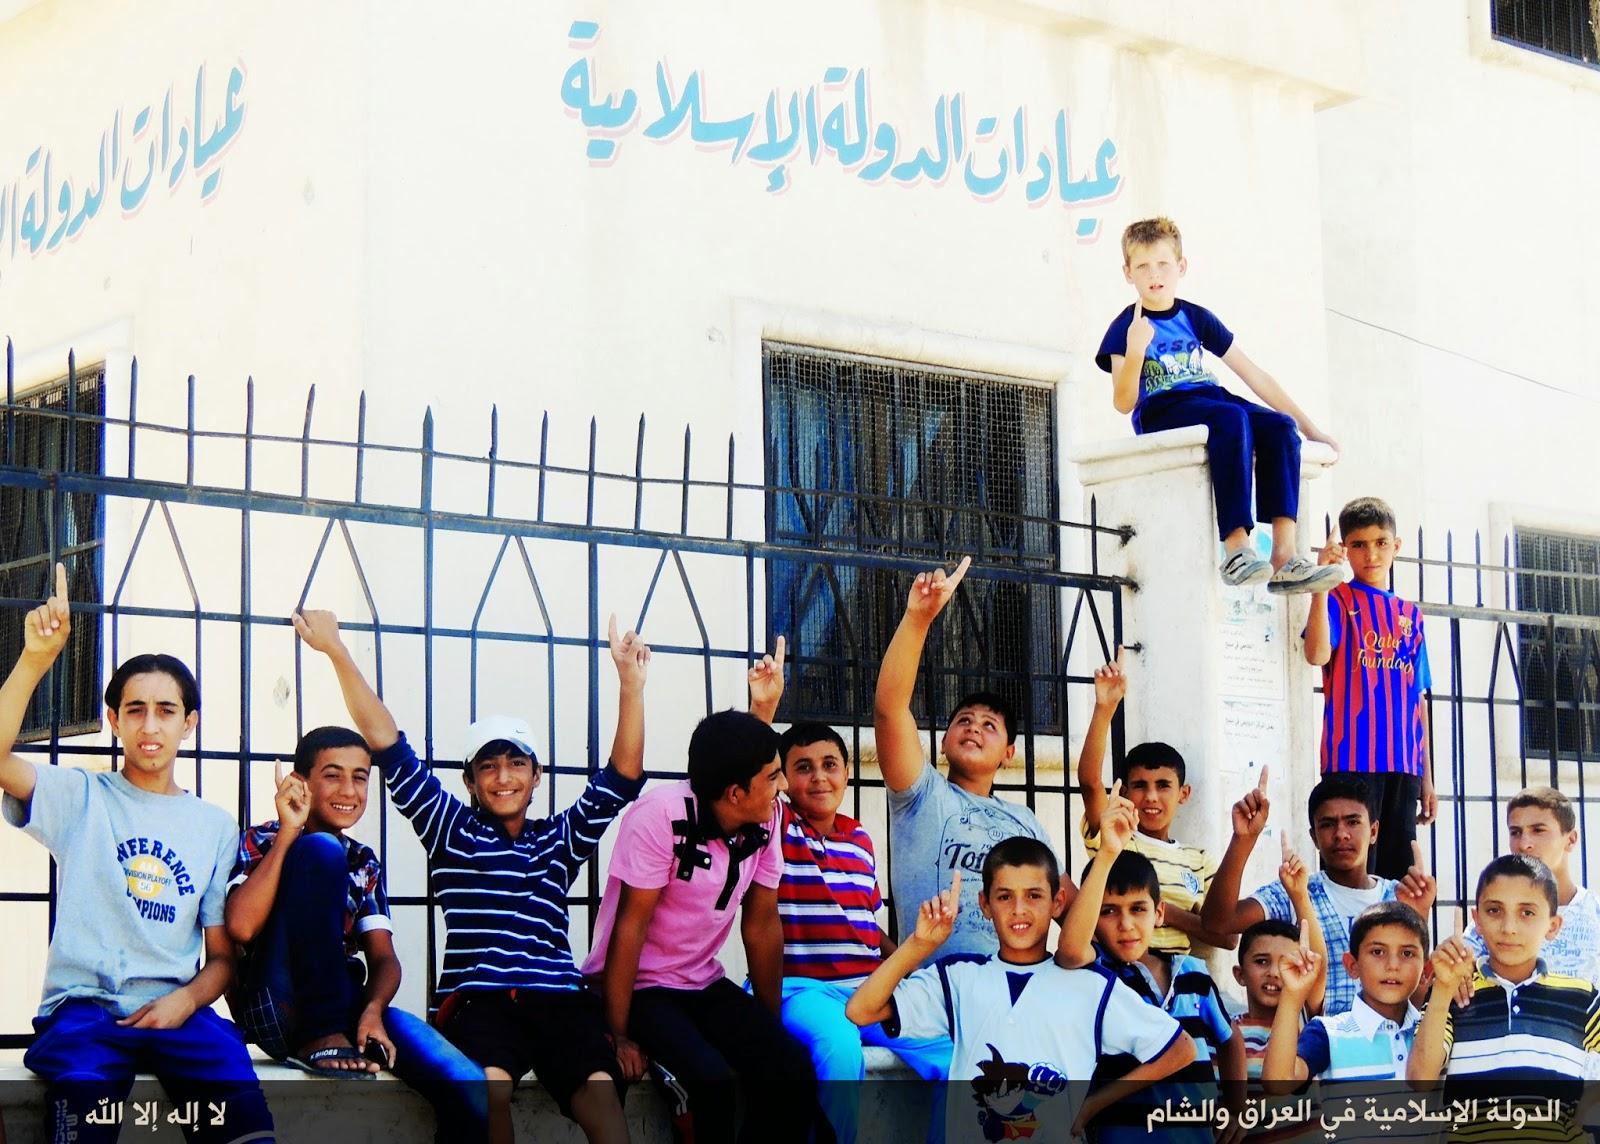 Món àrab islam islàmic musulmans Pròxim Orient golf Pèrsic Iraq Bagdad Nínive assiris xiïtes sunnites islamistes Al-Qaida Mossul Alcorà